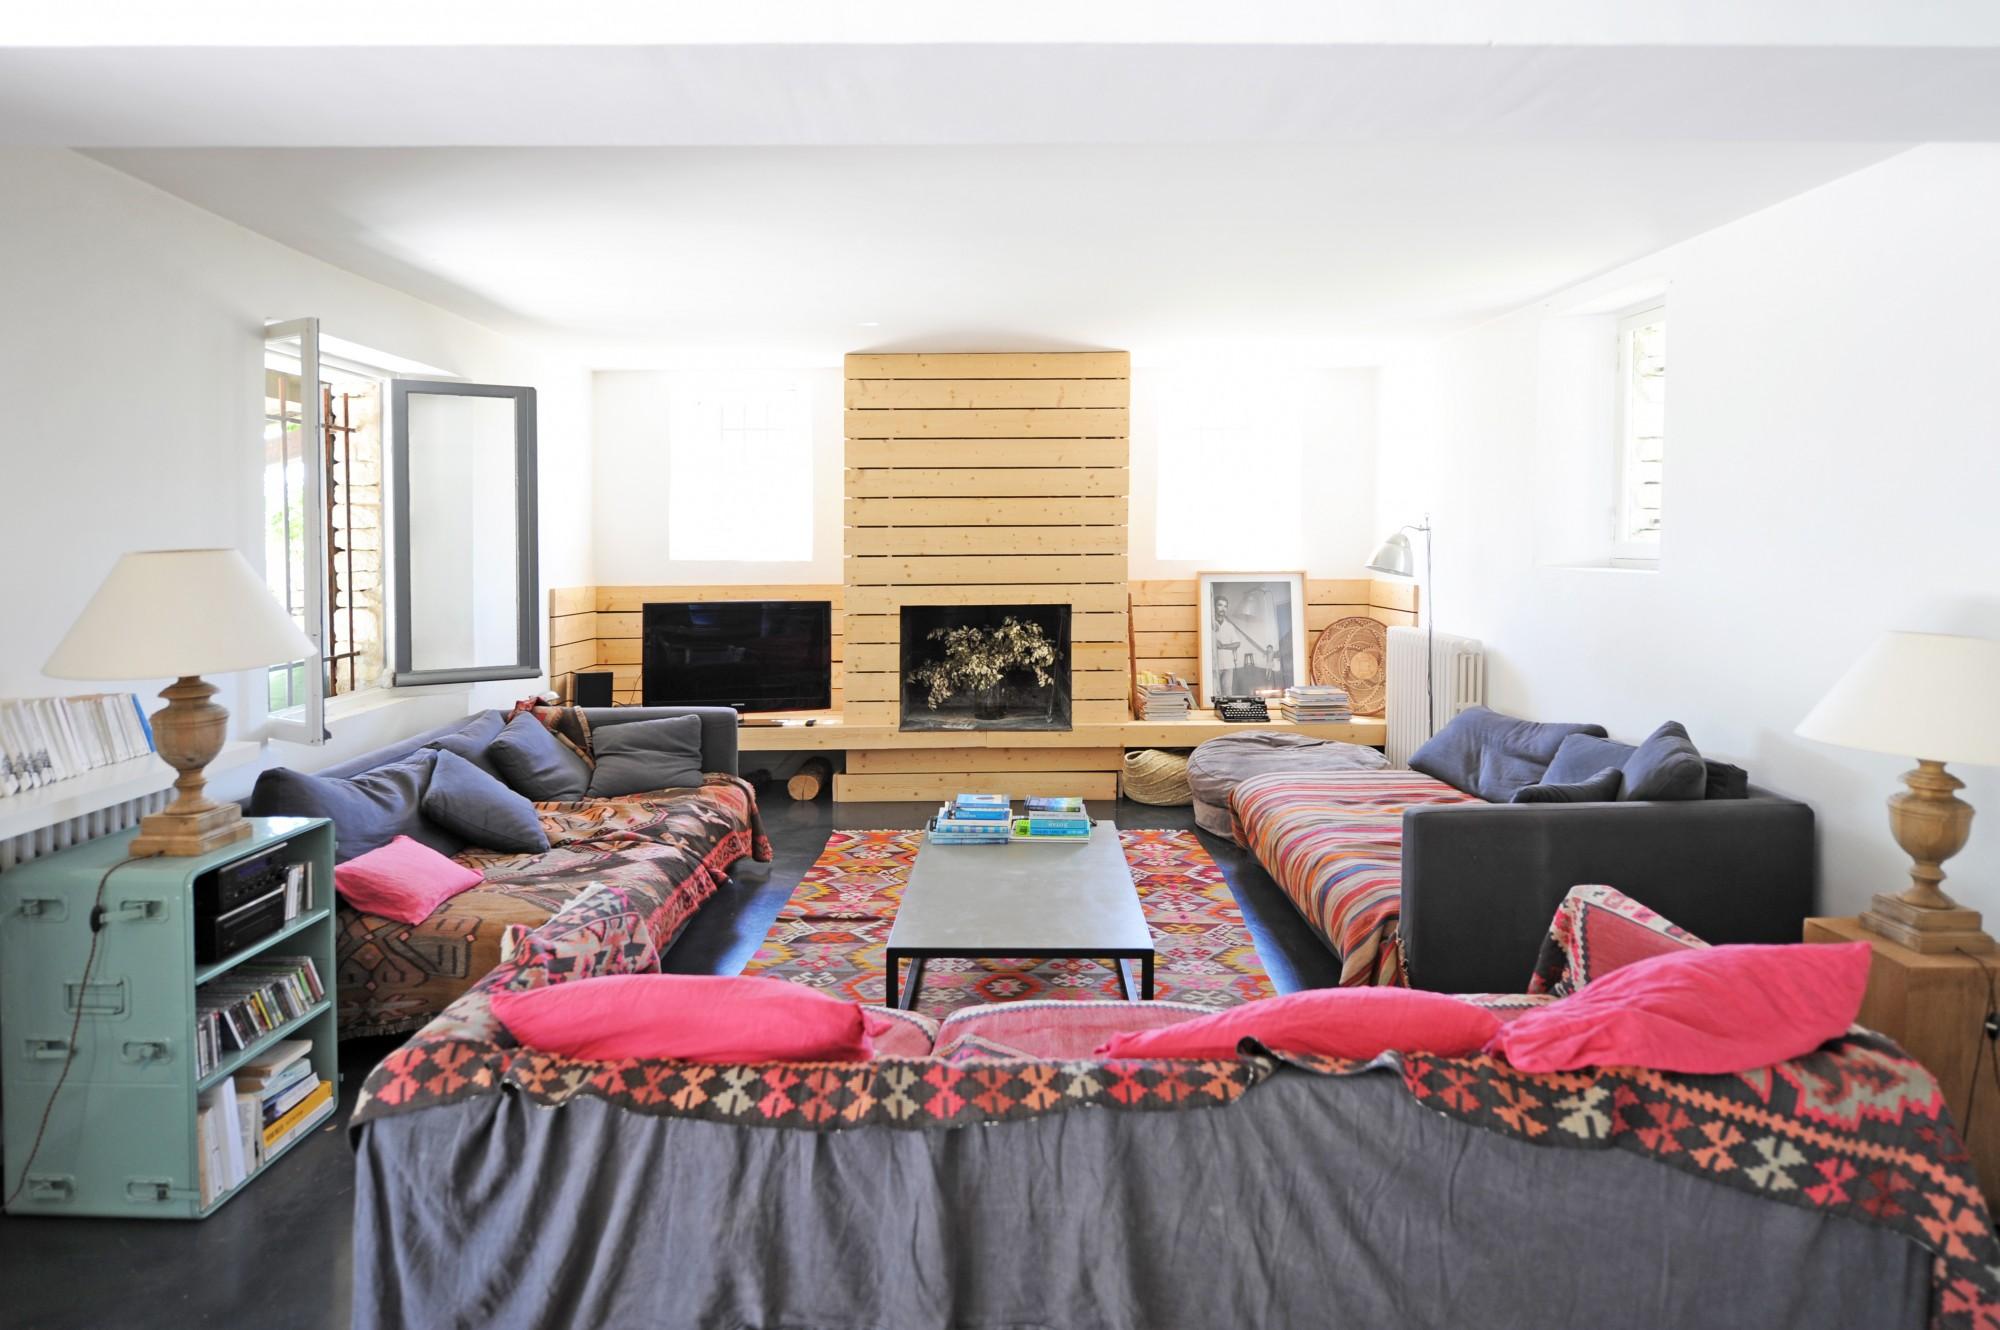 ventes maison de charme avec int rieur contemporain vendre en luberon agence rosier. Black Bedroom Furniture Sets. Home Design Ideas